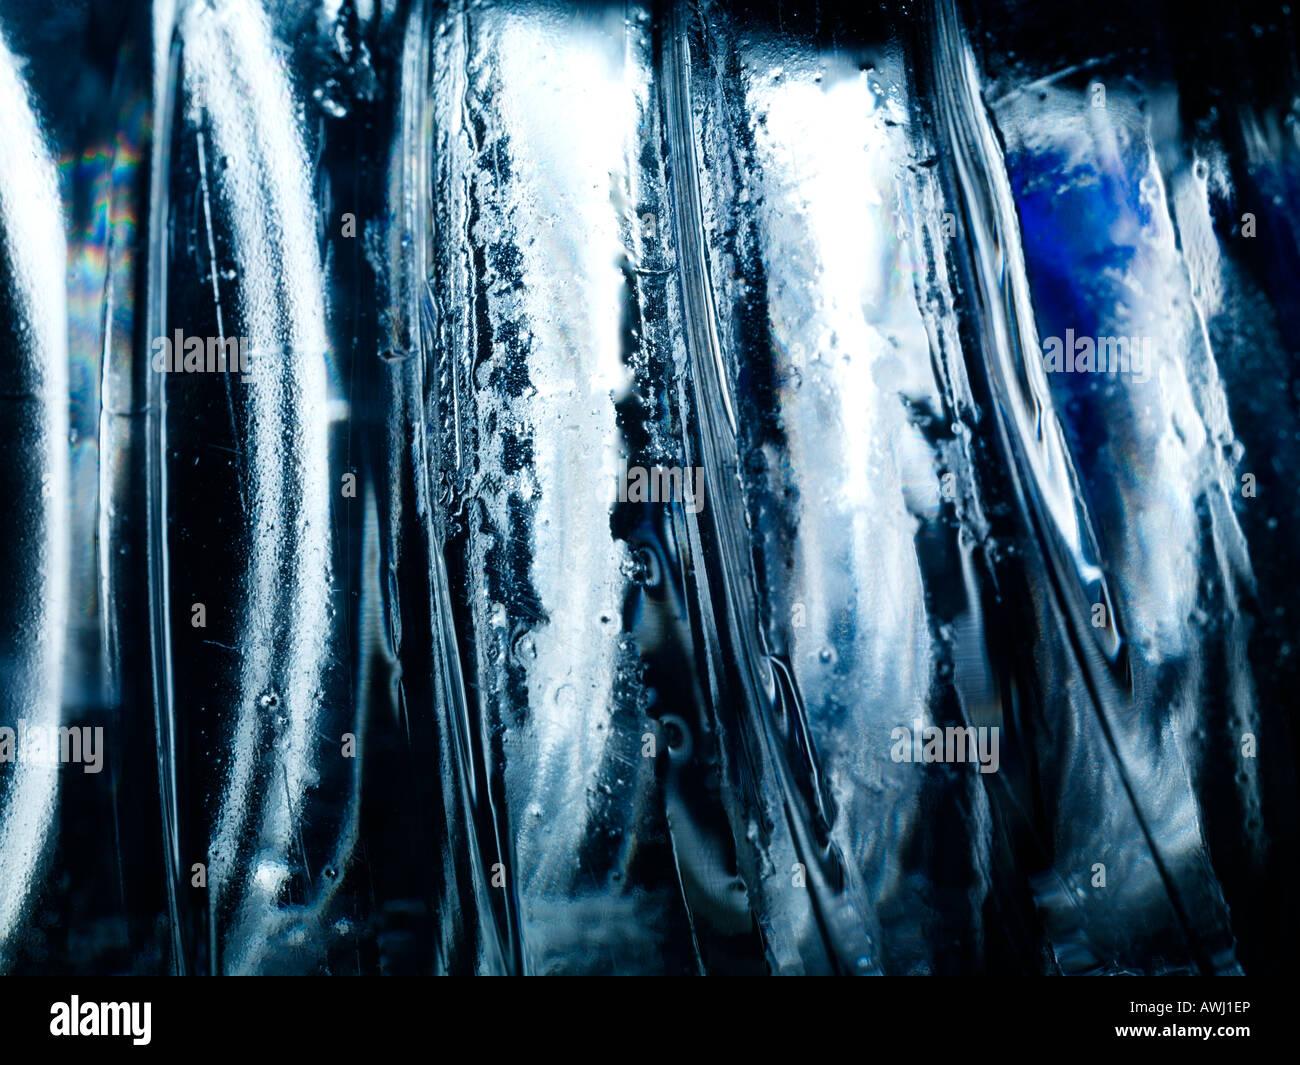 Images d'art abstrait de gros fichiers size une bouteille en plastique éclairé avec une source lumineuse Photo Stock